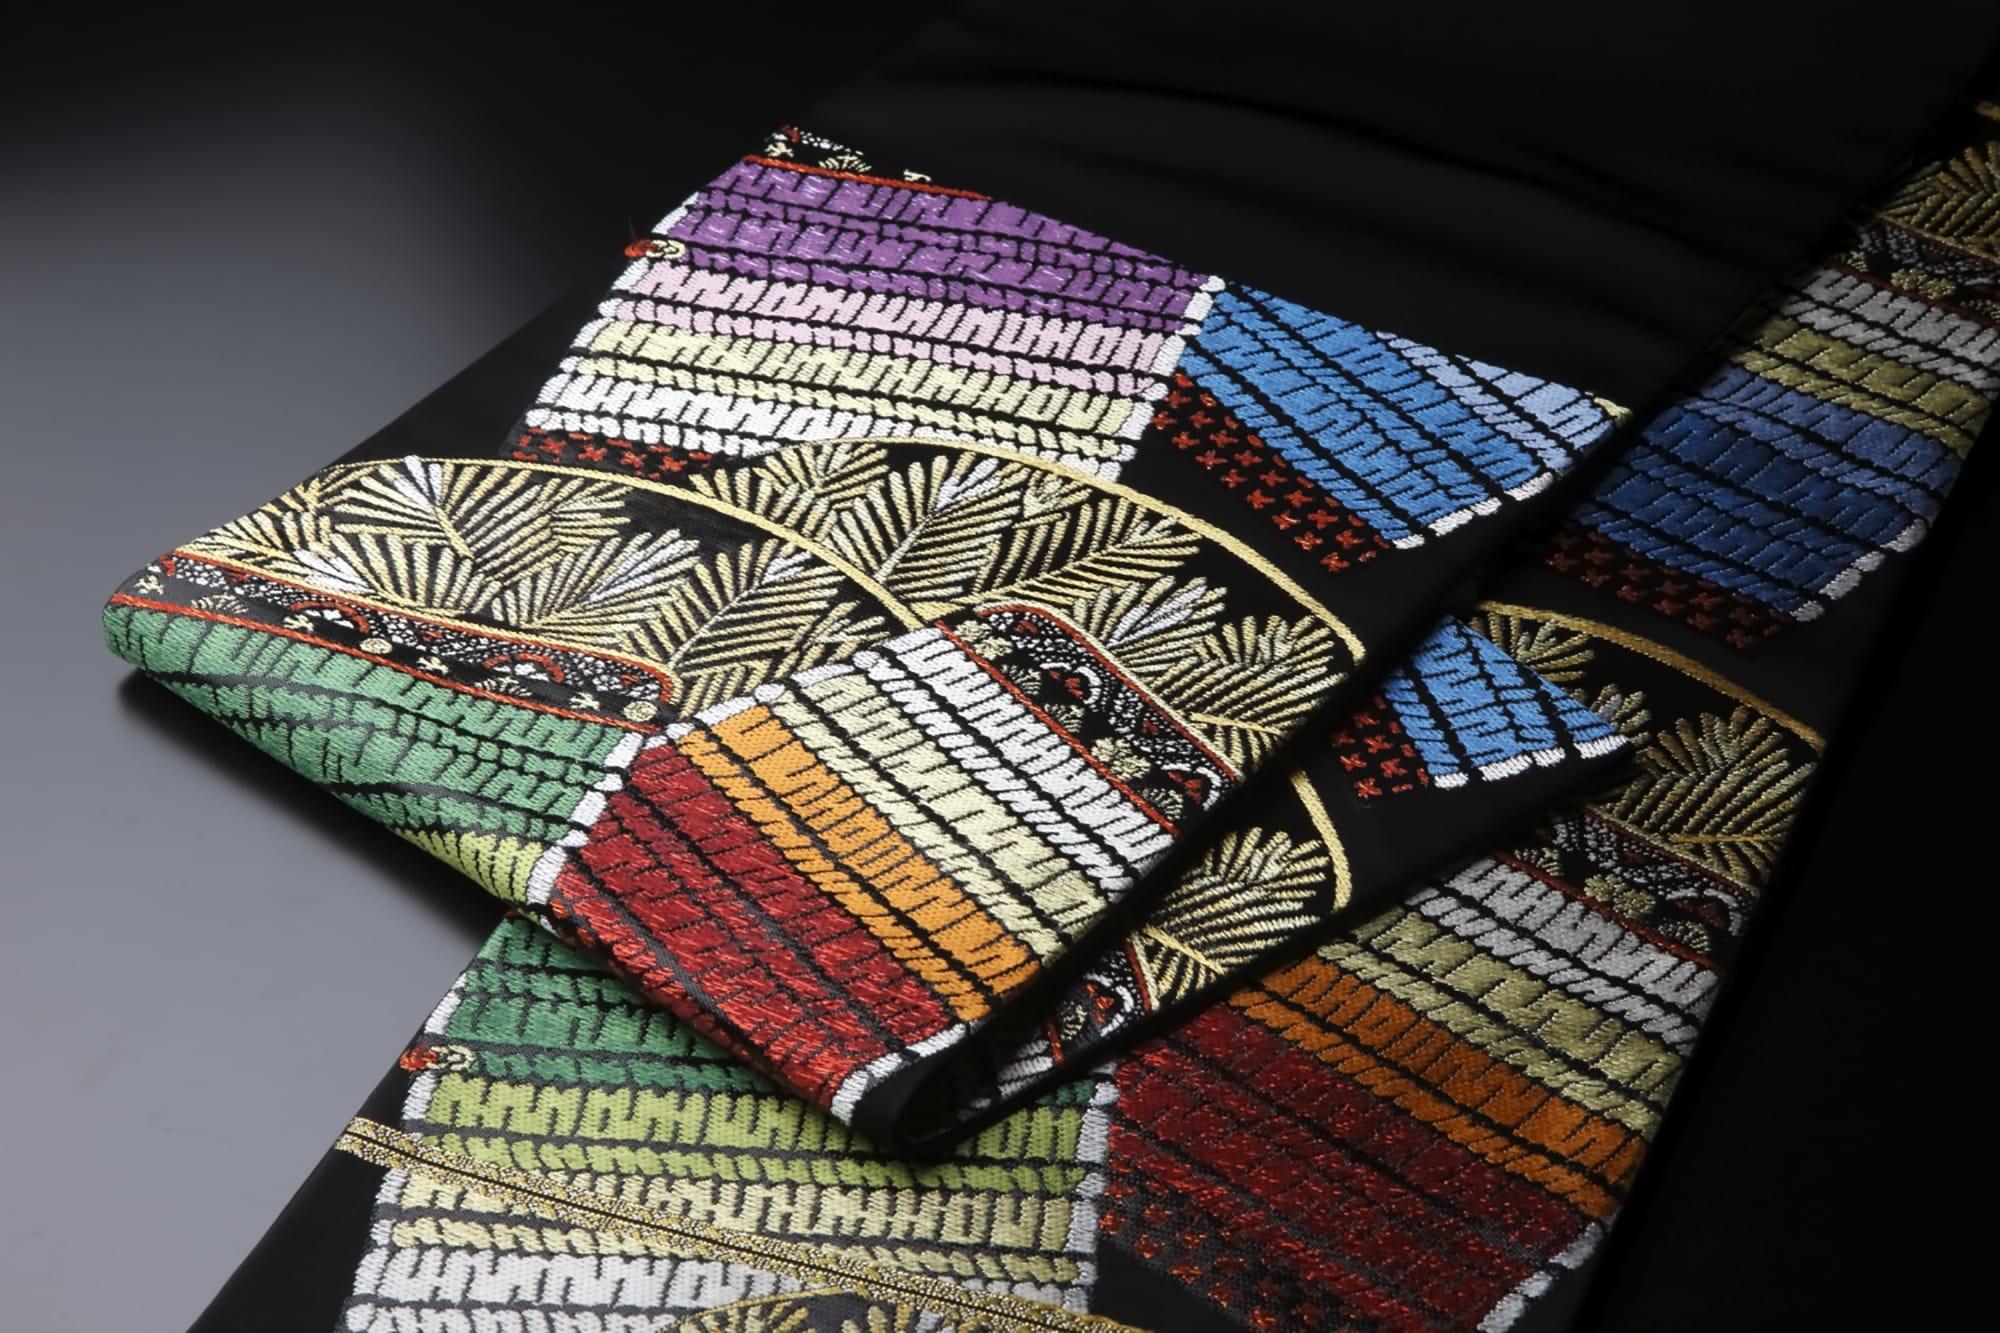 袋帯「慶賀松縅錦(けいがしょういきん)」(龍村美術織物)